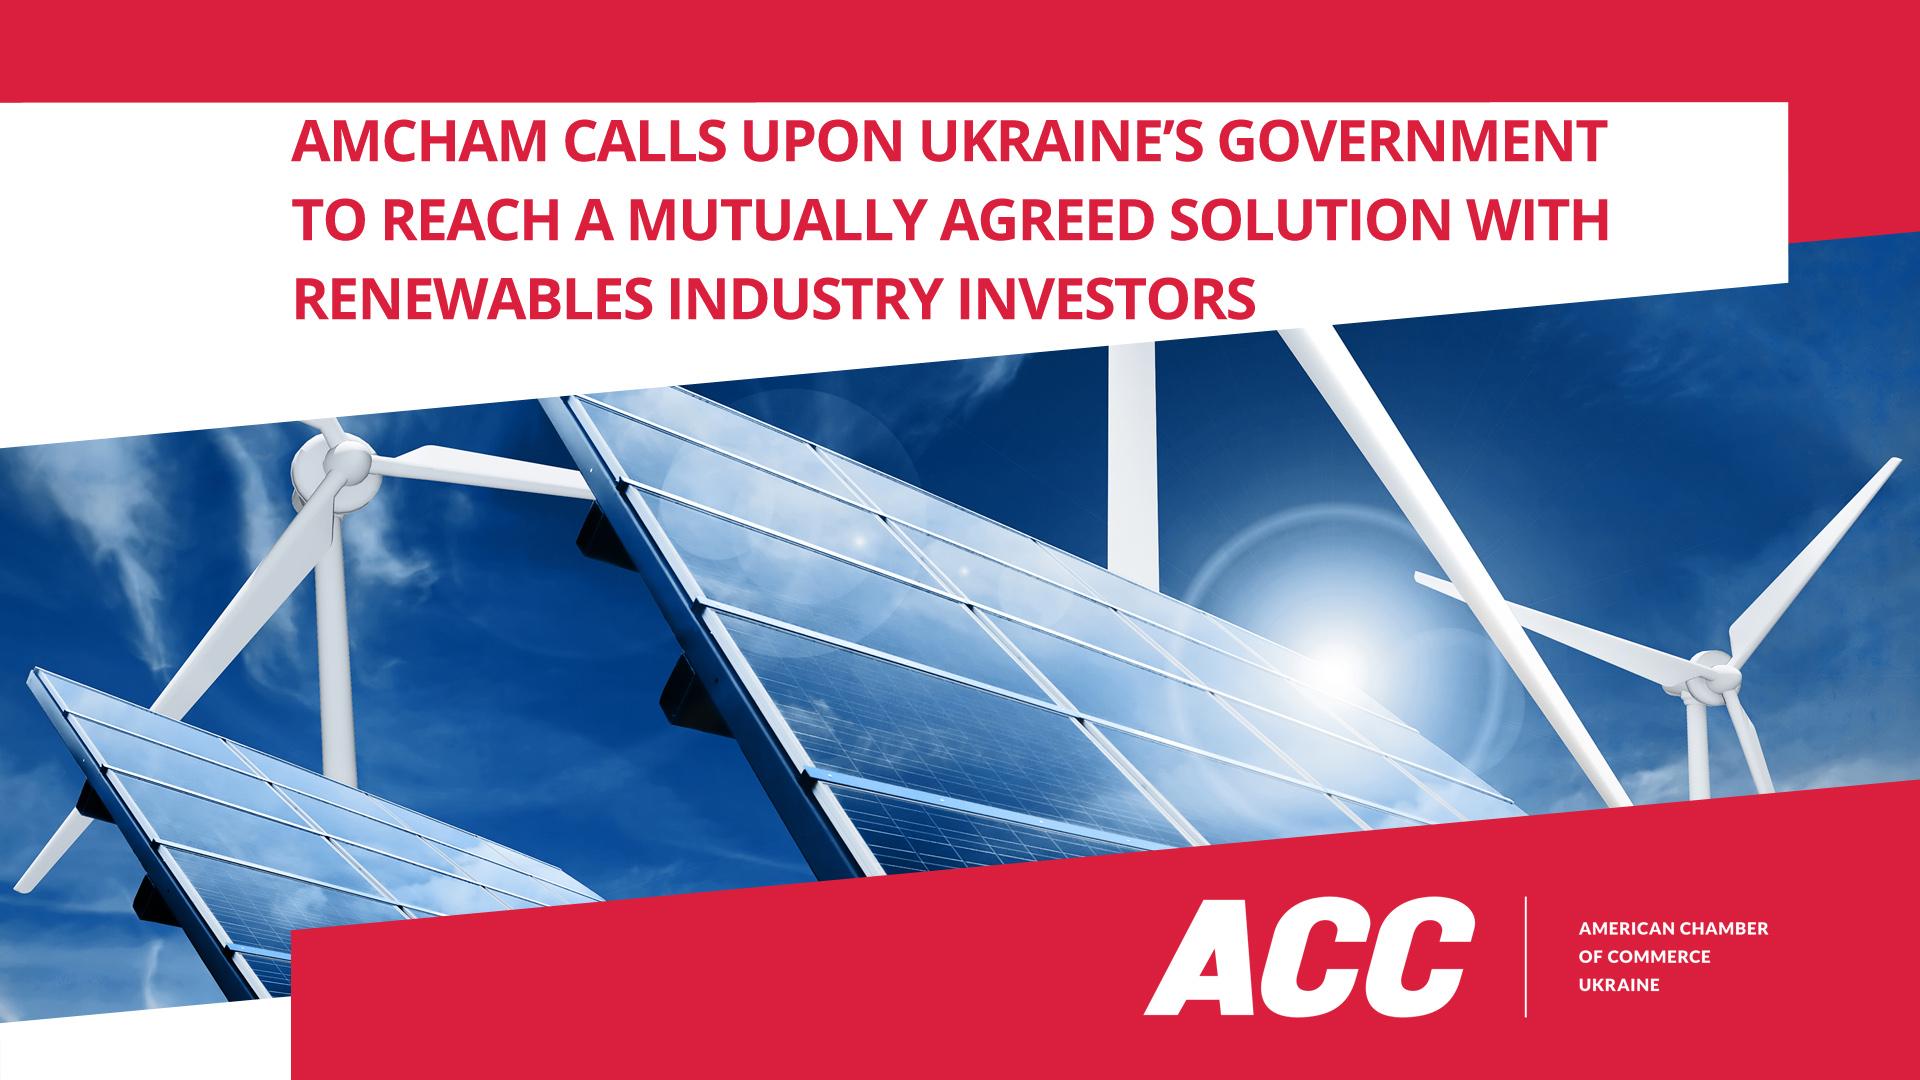 Американська торговельна палата в Україні закликає Уряд досягти взаємоприйнятного рішення з інвесторами «зеленої» енергетики